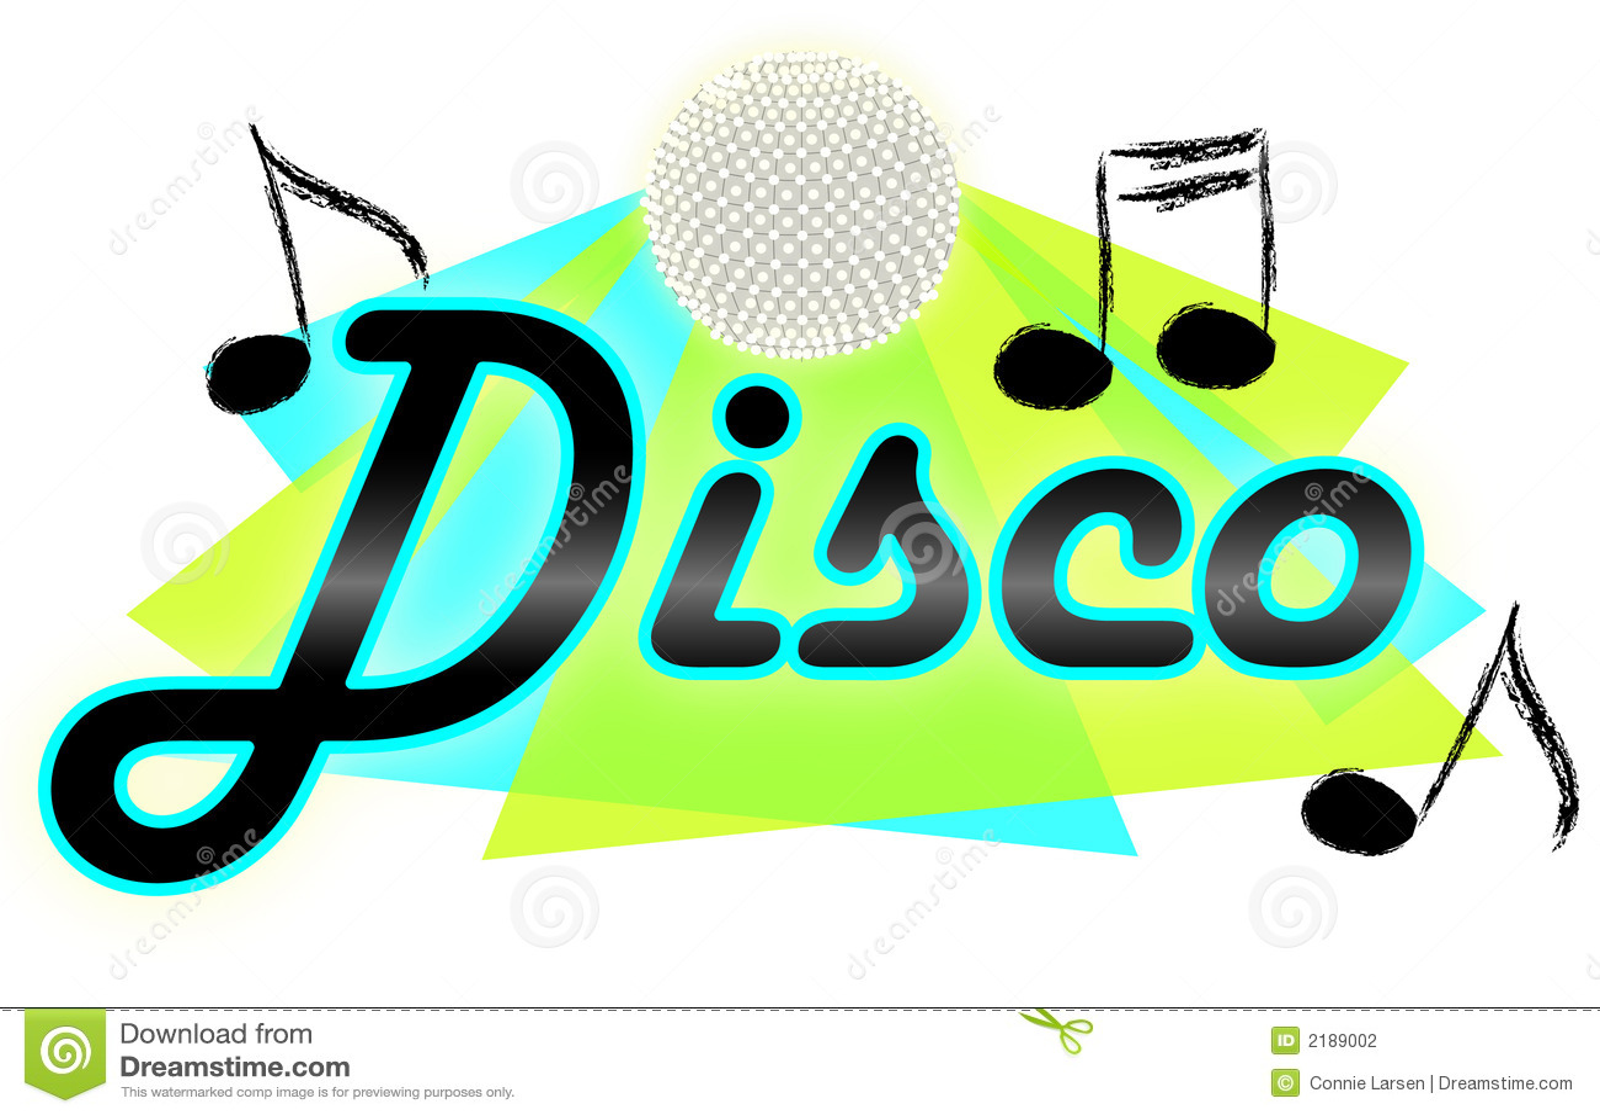 Discomusik/ENV